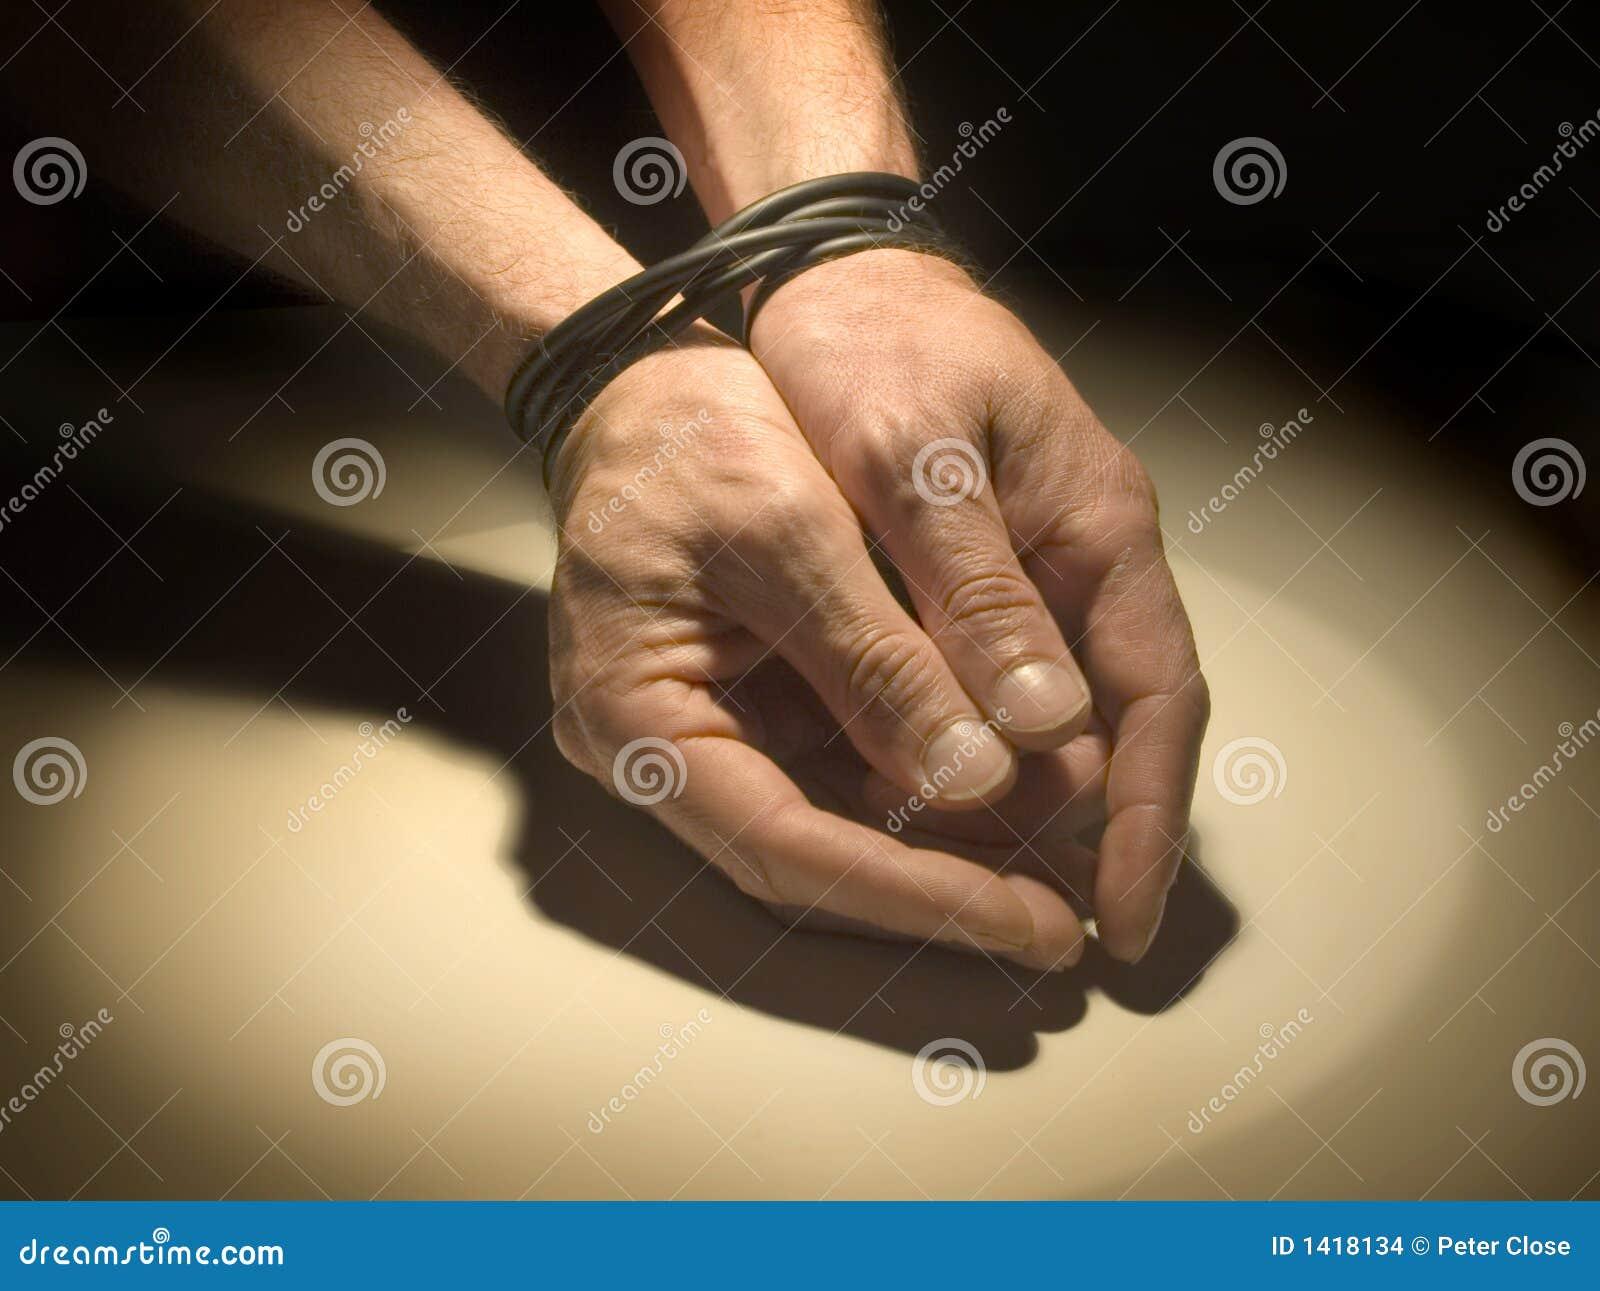 Бесплатные фото женщин связанных в наручниках фото 172-683